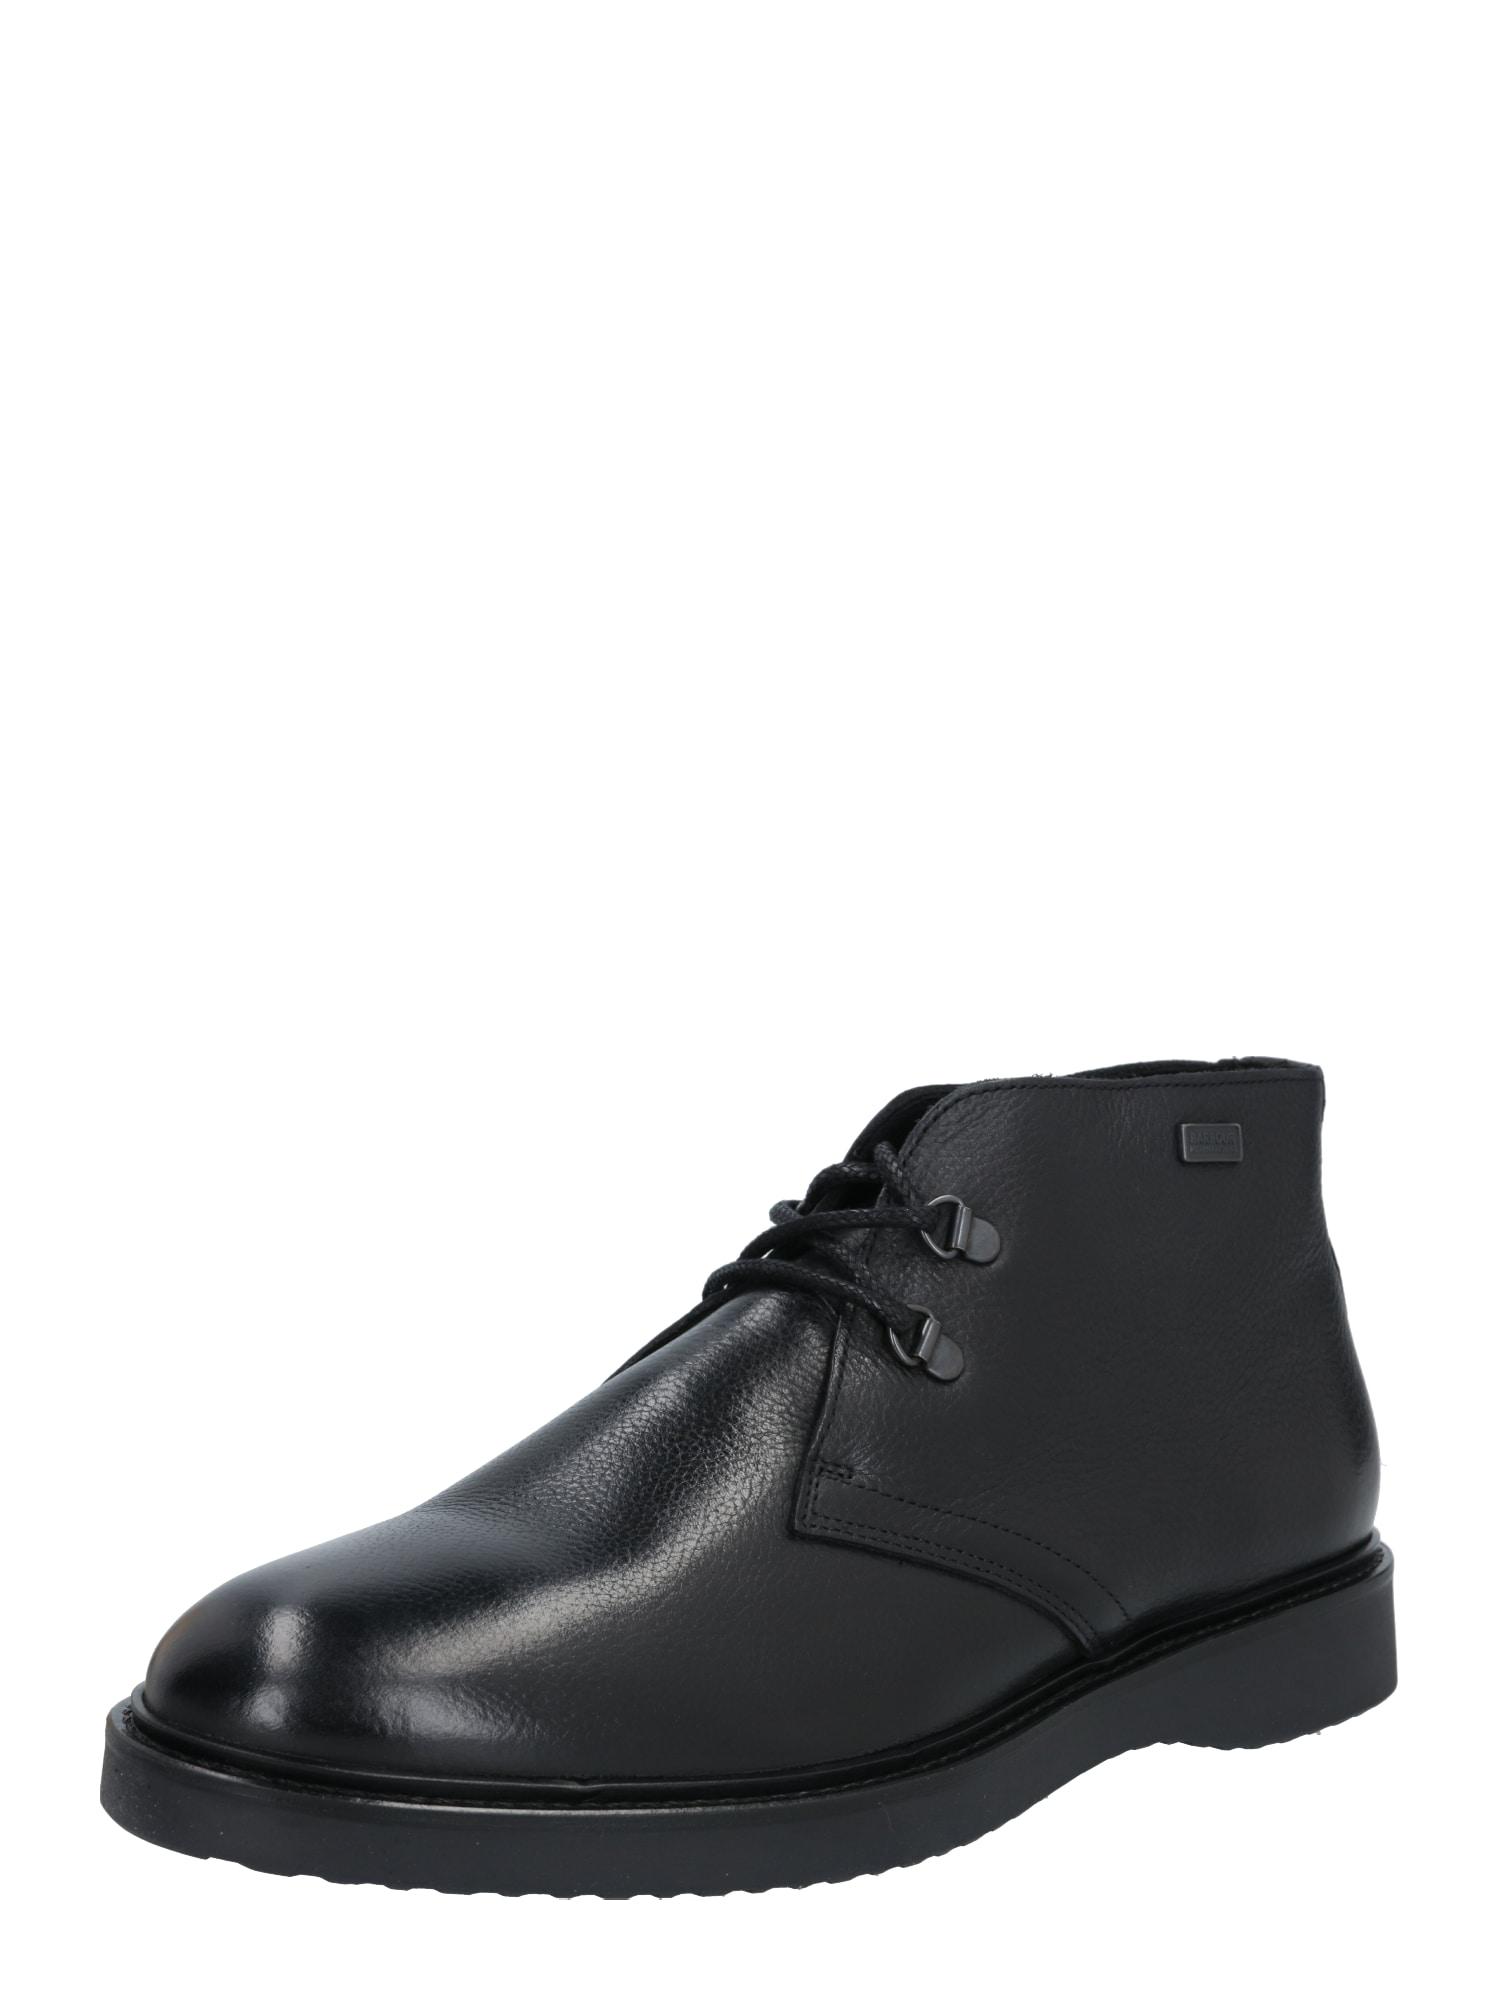 Barbour International Auliniai batai su kulniuku 'Piston' juoda